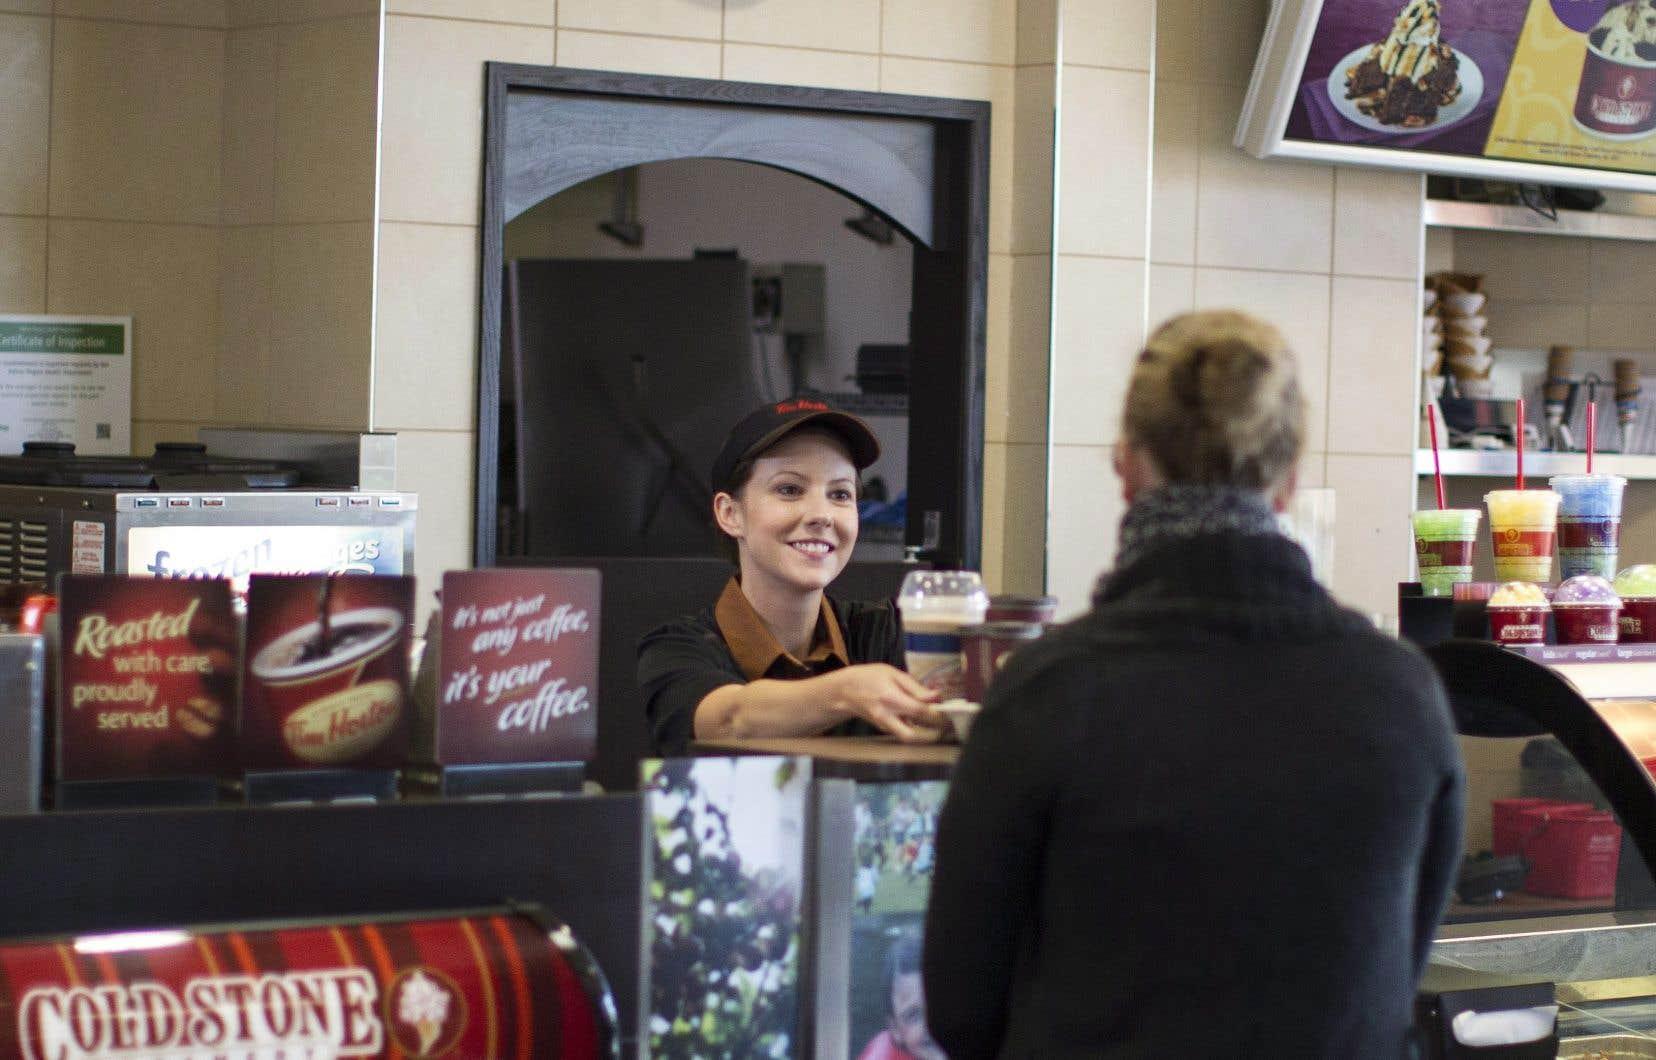 Tim Hortons a finalement augmenté le prix de certains produits, après avoir tenté de trancher dans les avantages sociaux de ses employés.